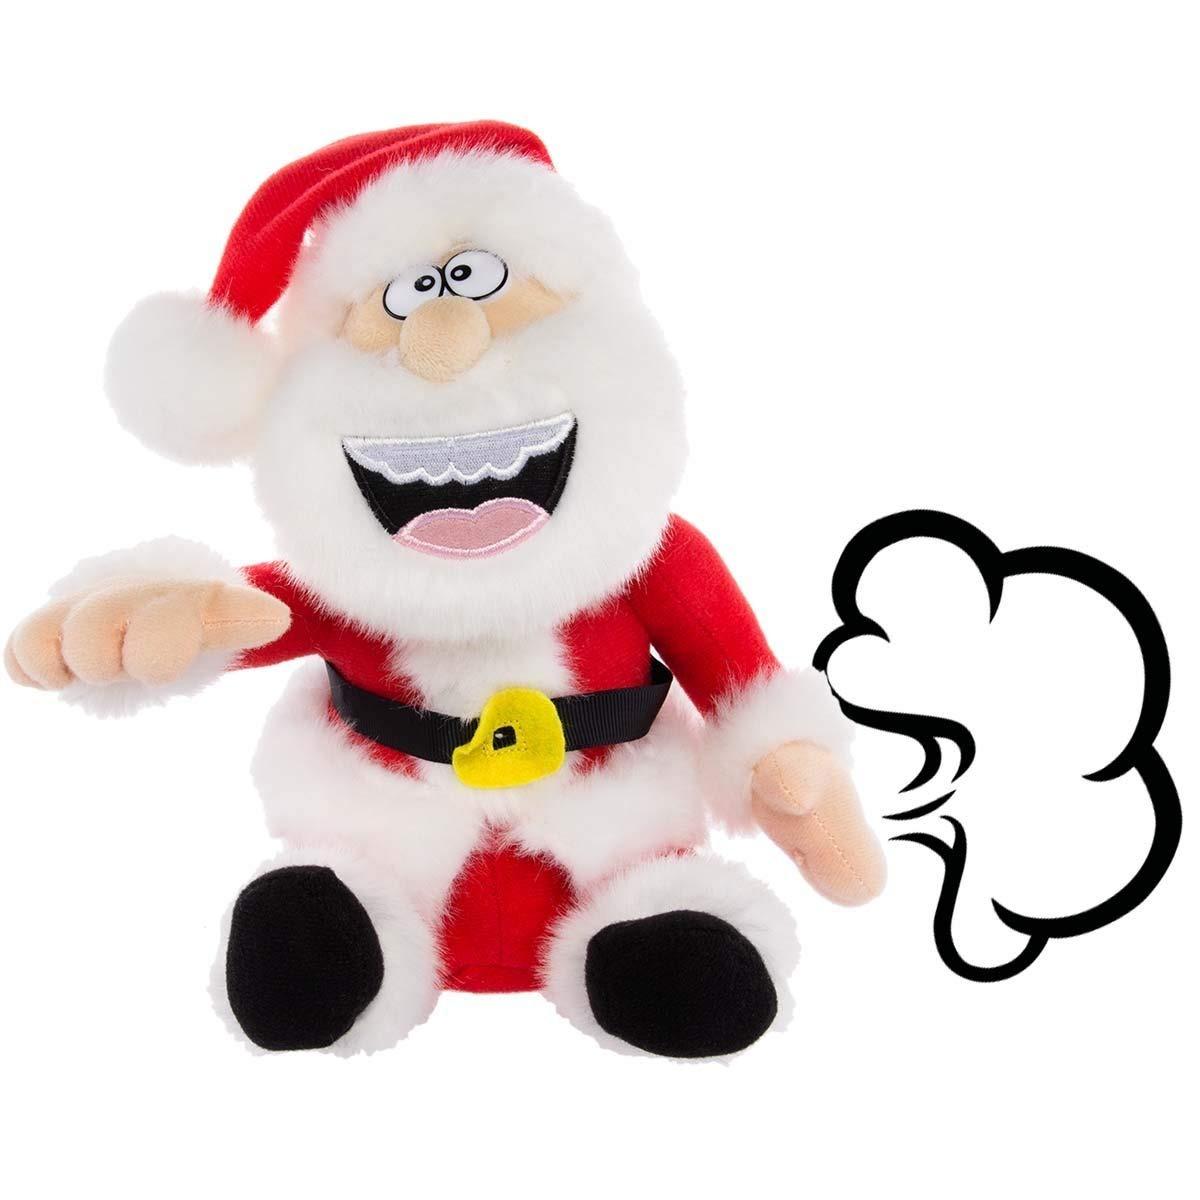 Imagenes De Papa Noel Animado.Simplemente Genio Tire De Mi Dedo Papa Noel Animado Di